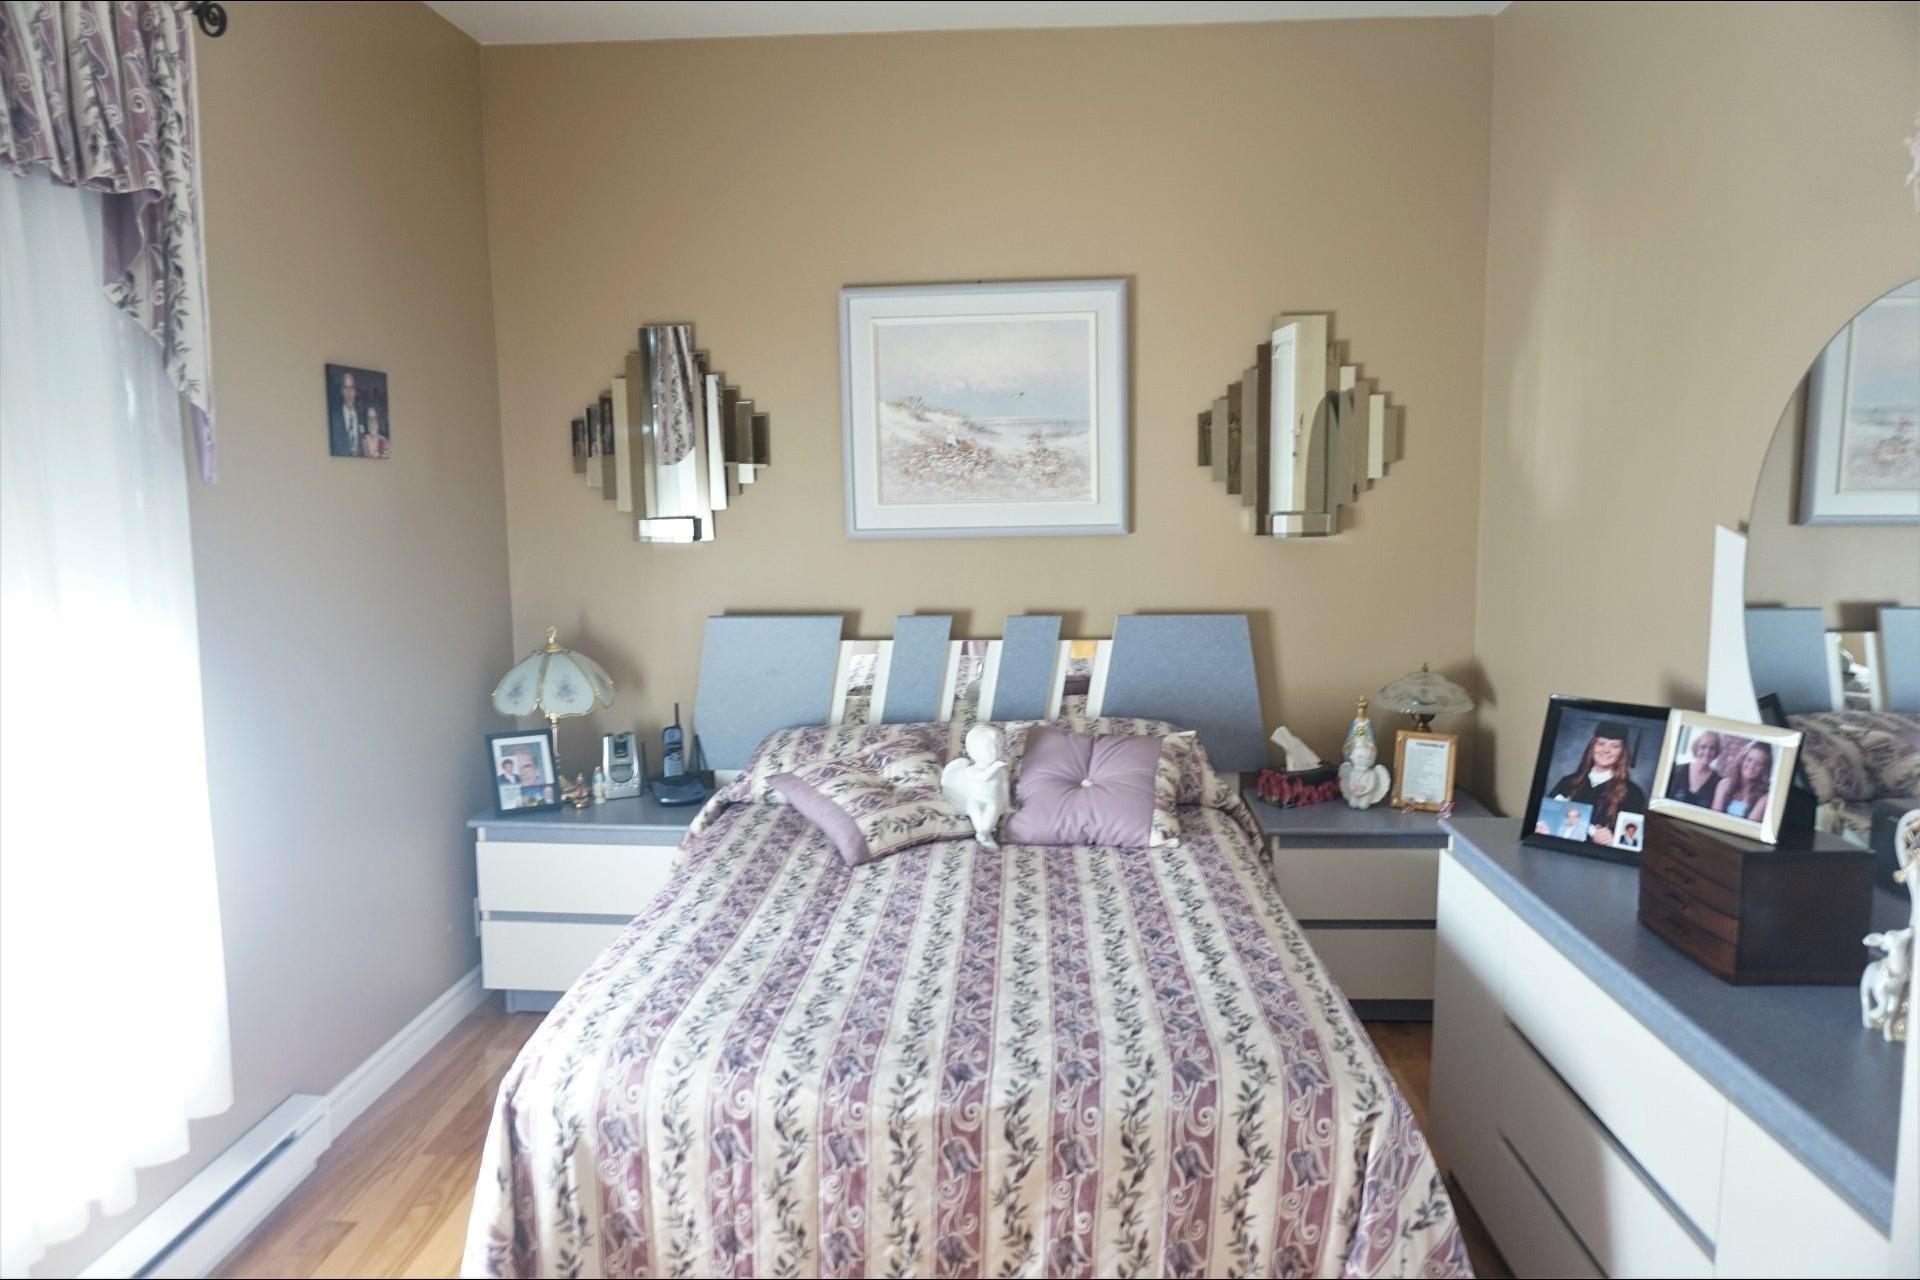 image 4 - Duplex For sale La Tuque - 4 rooms